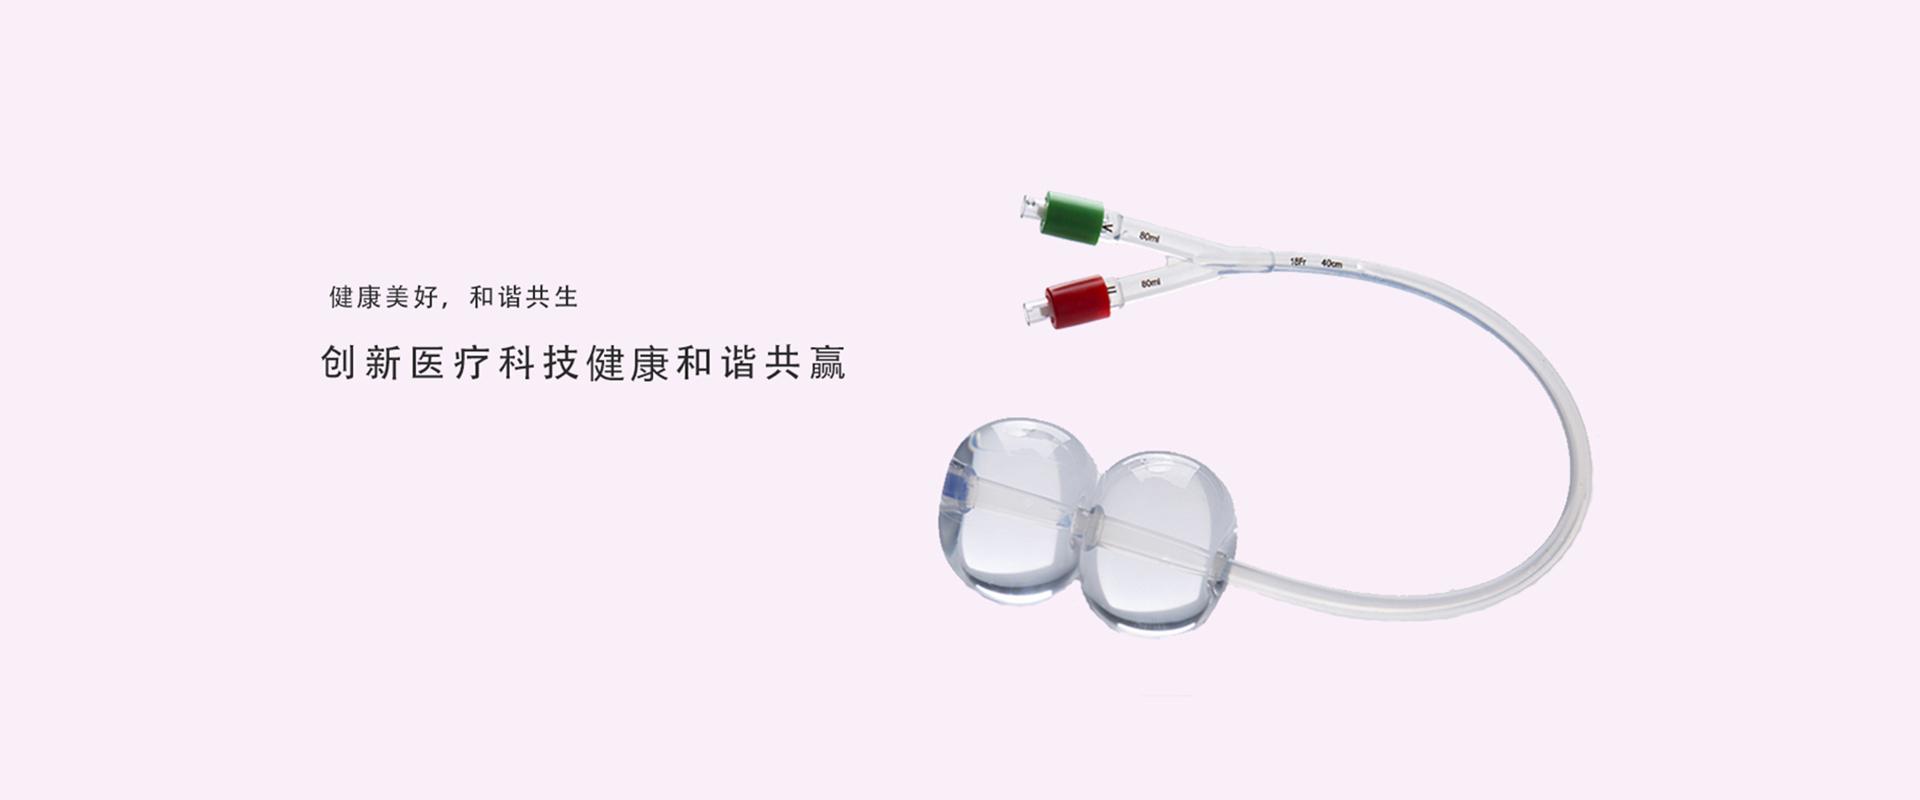 一次性使用J型导尿管套件